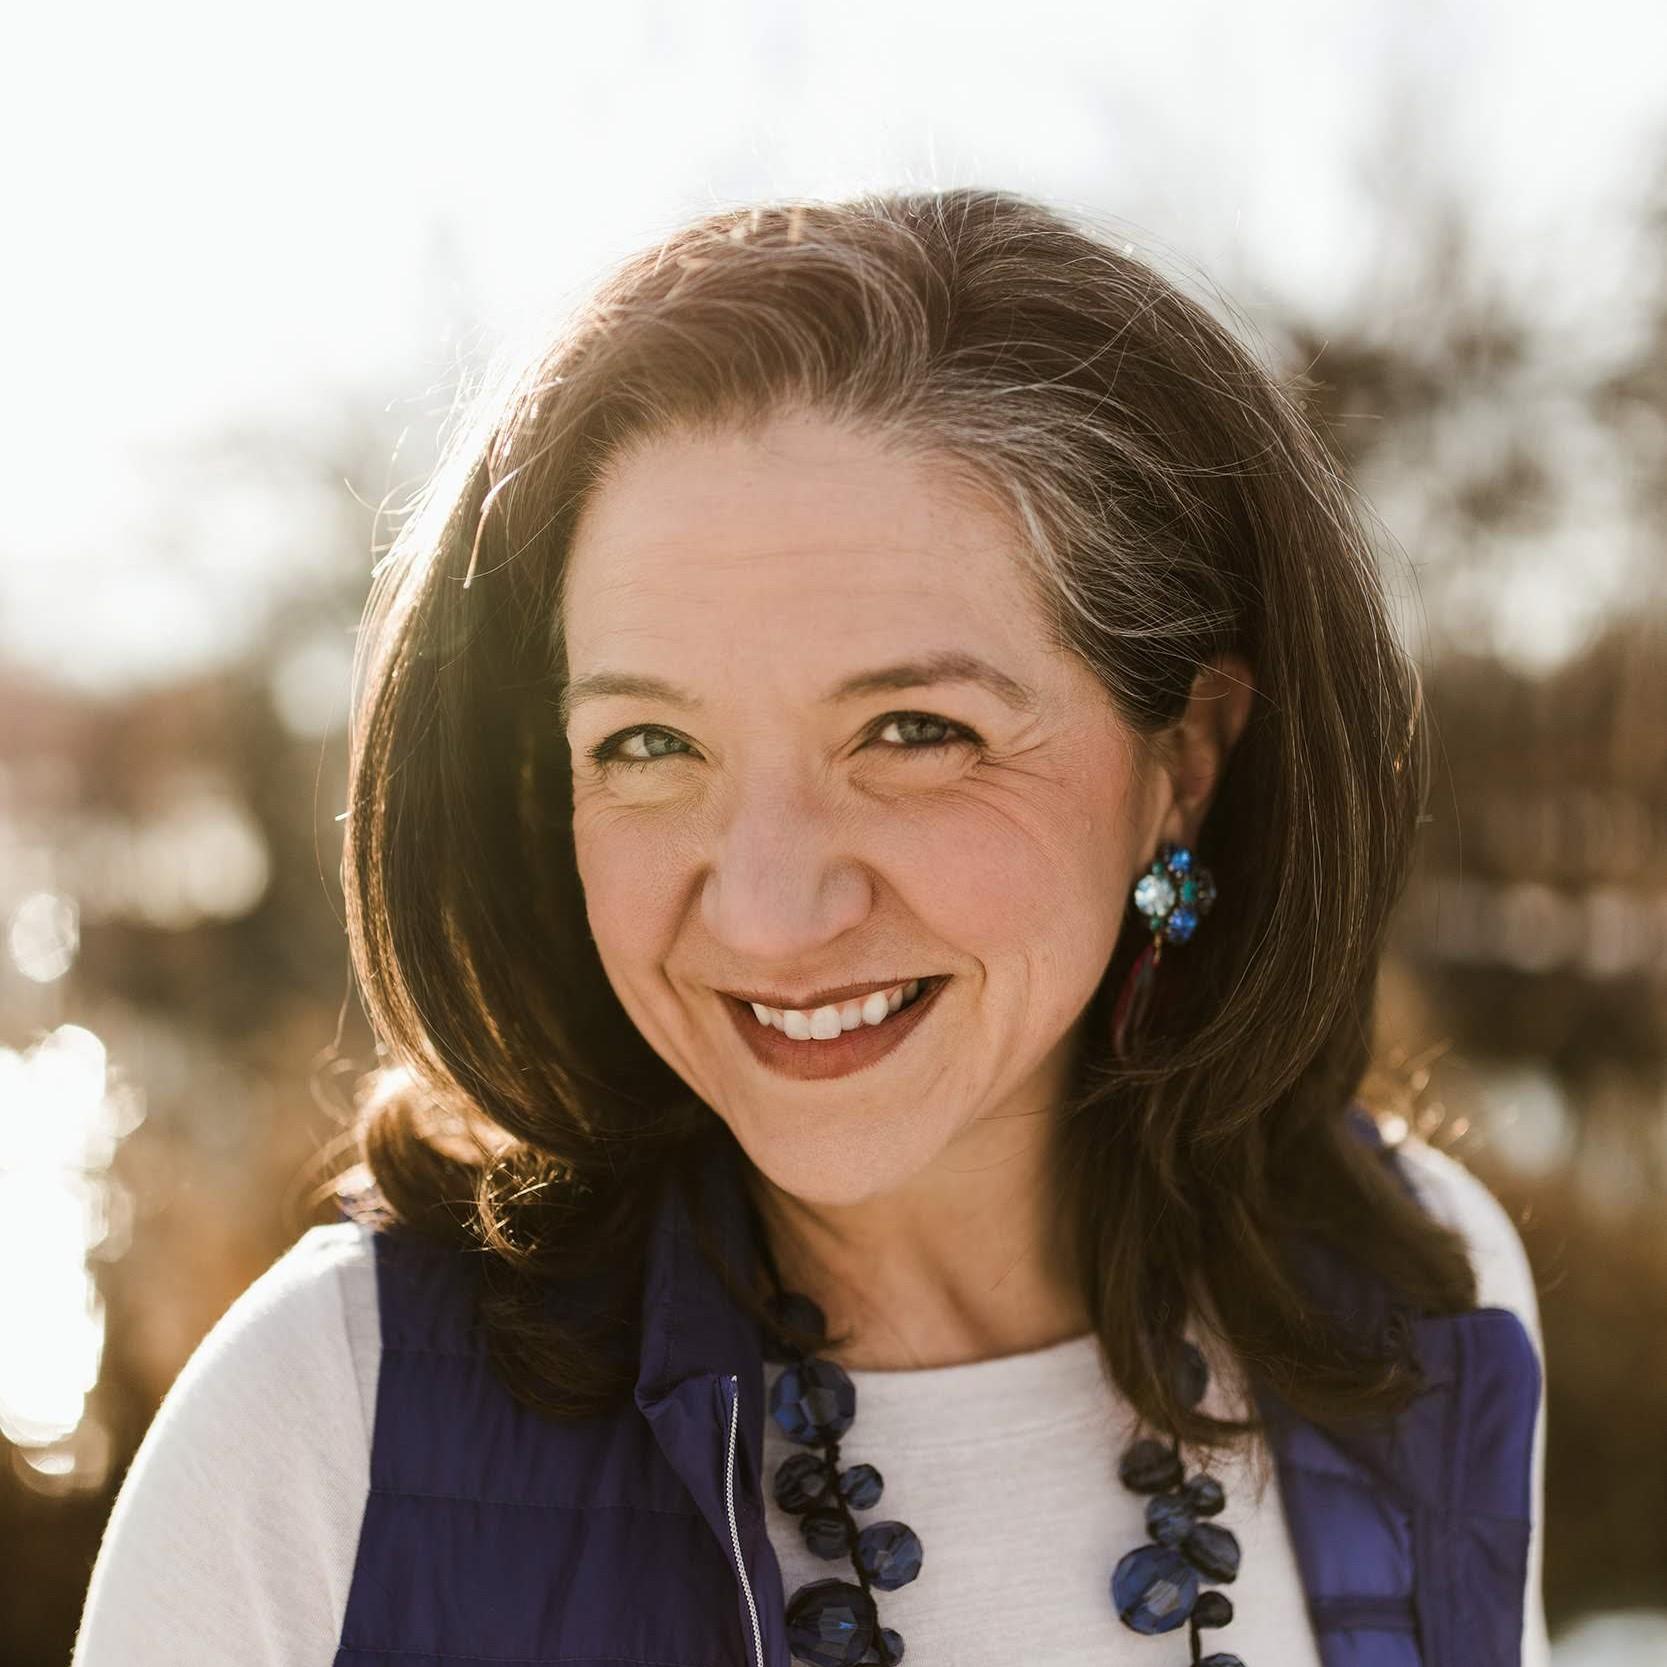 Mary-Katherine Brooks Fleming